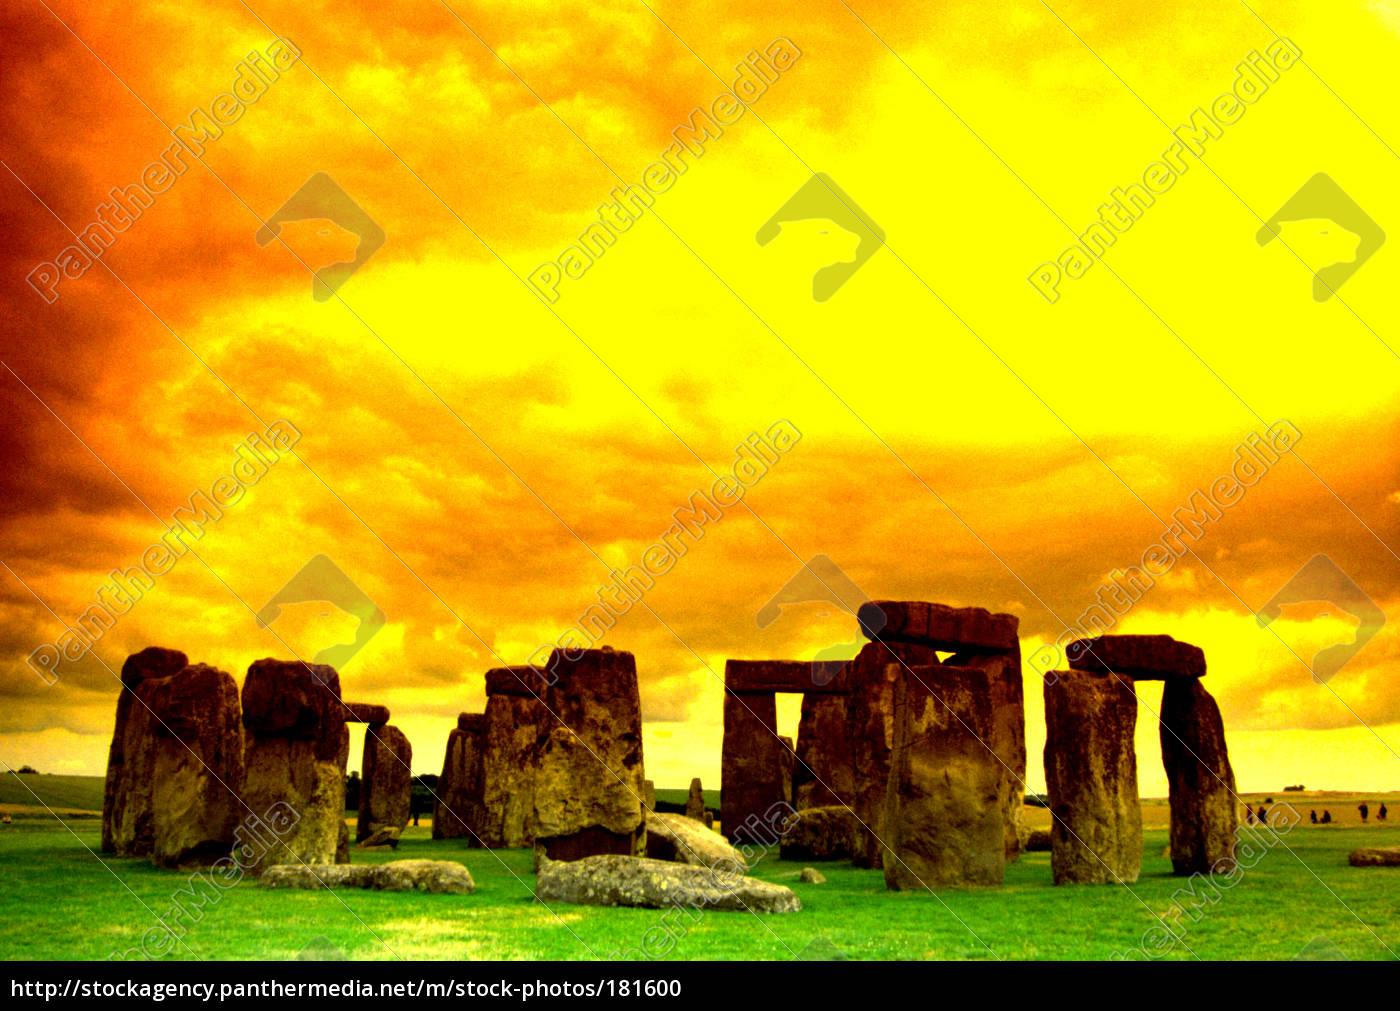 stonehenge - 181600